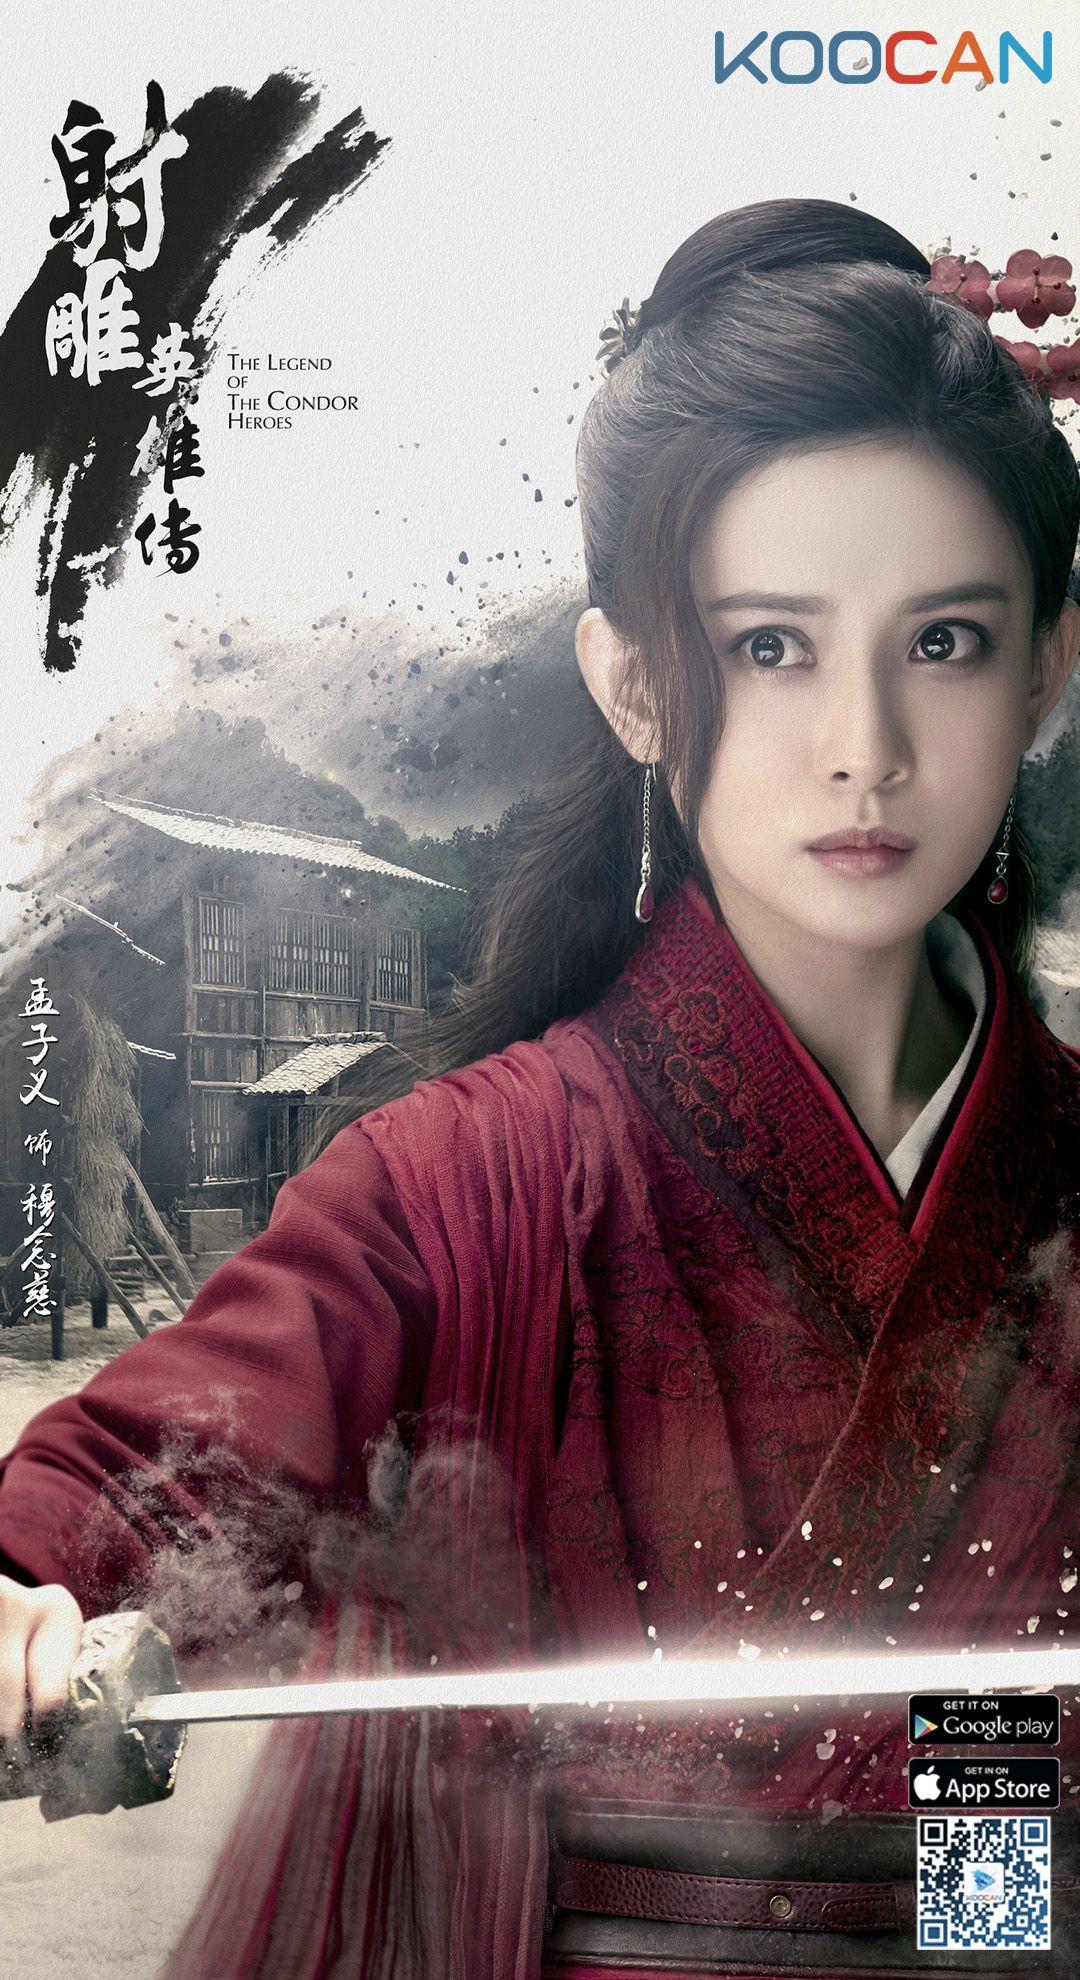 射雕英雄传2017版 | Chinese Drama HD Wallpapers - for Mobile